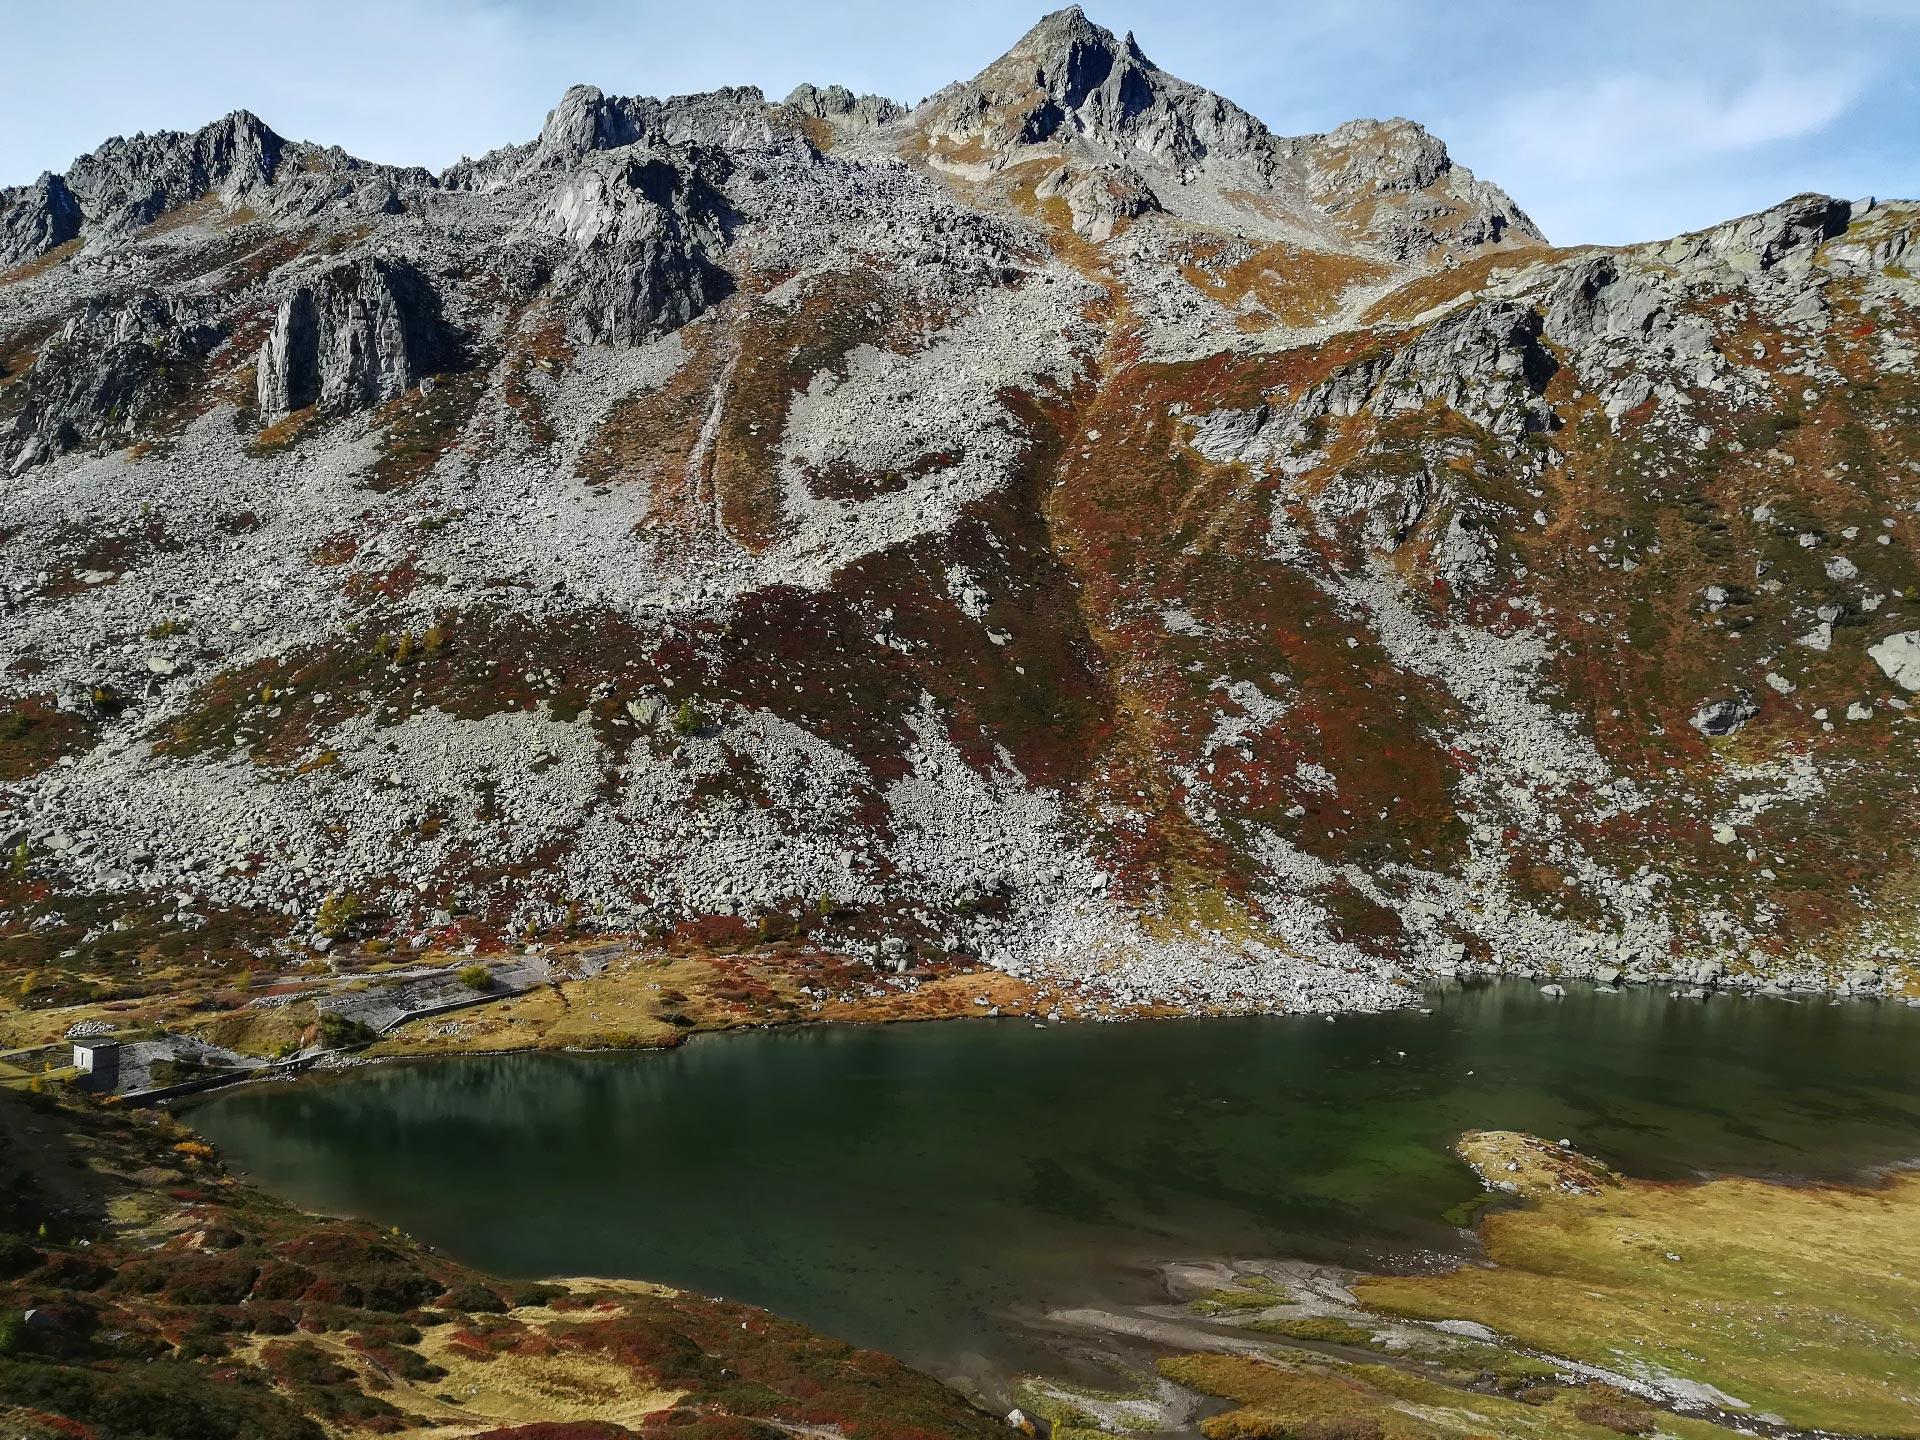 veduta dall'alto del lago di Pianboglio e delle montagne circostanti